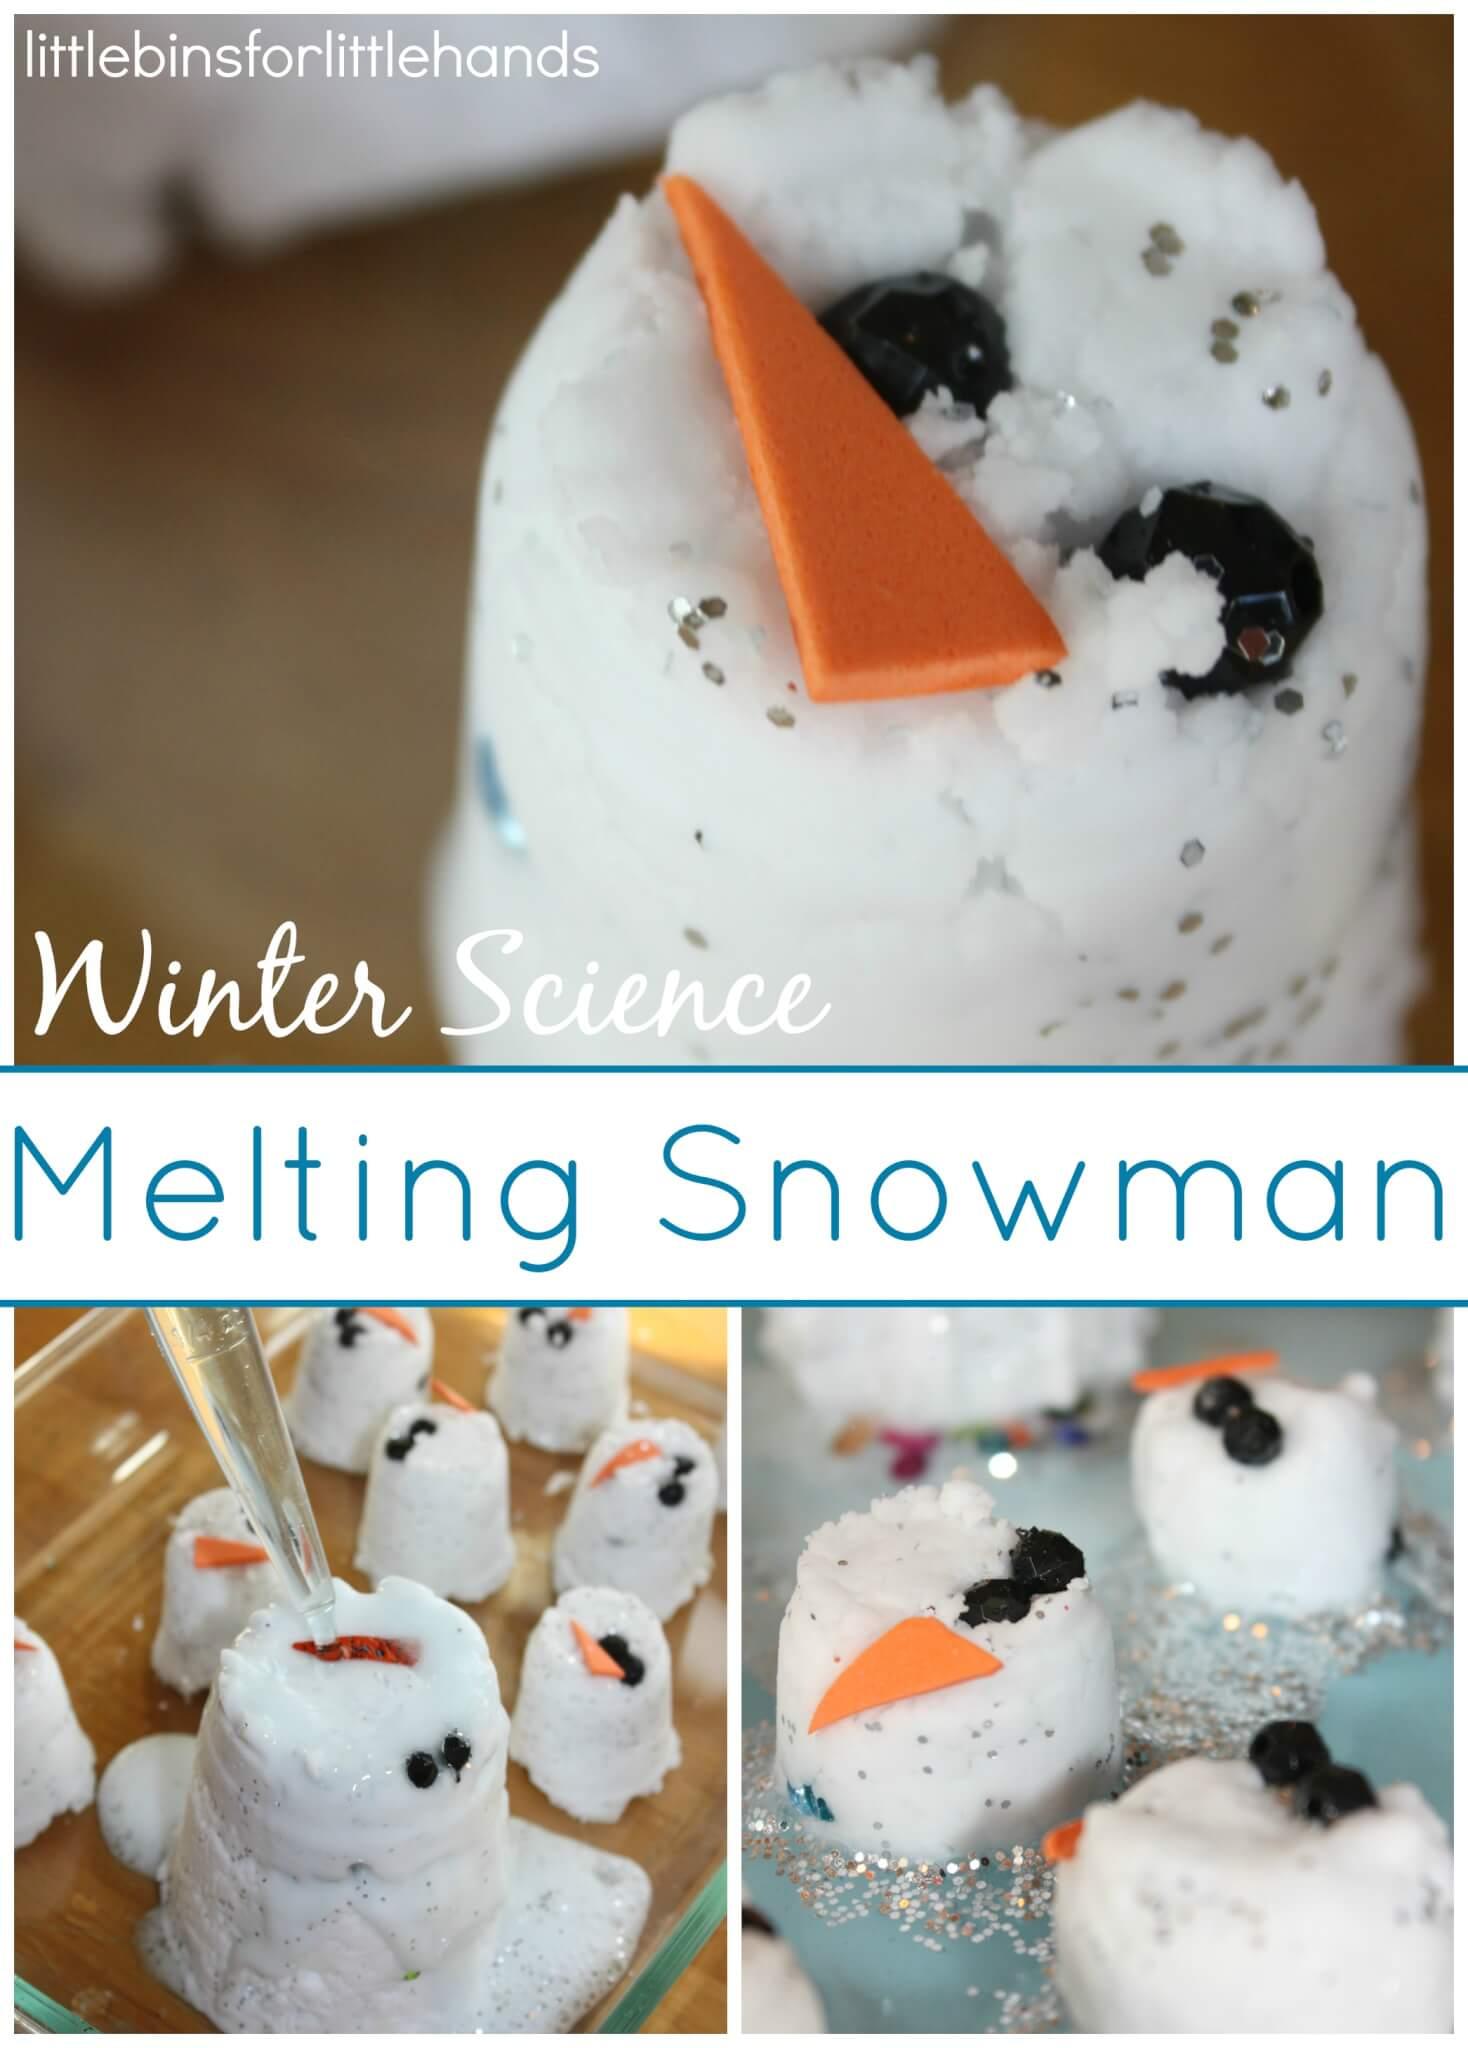 Snowman Baking Soda Science Sensory Play Activity